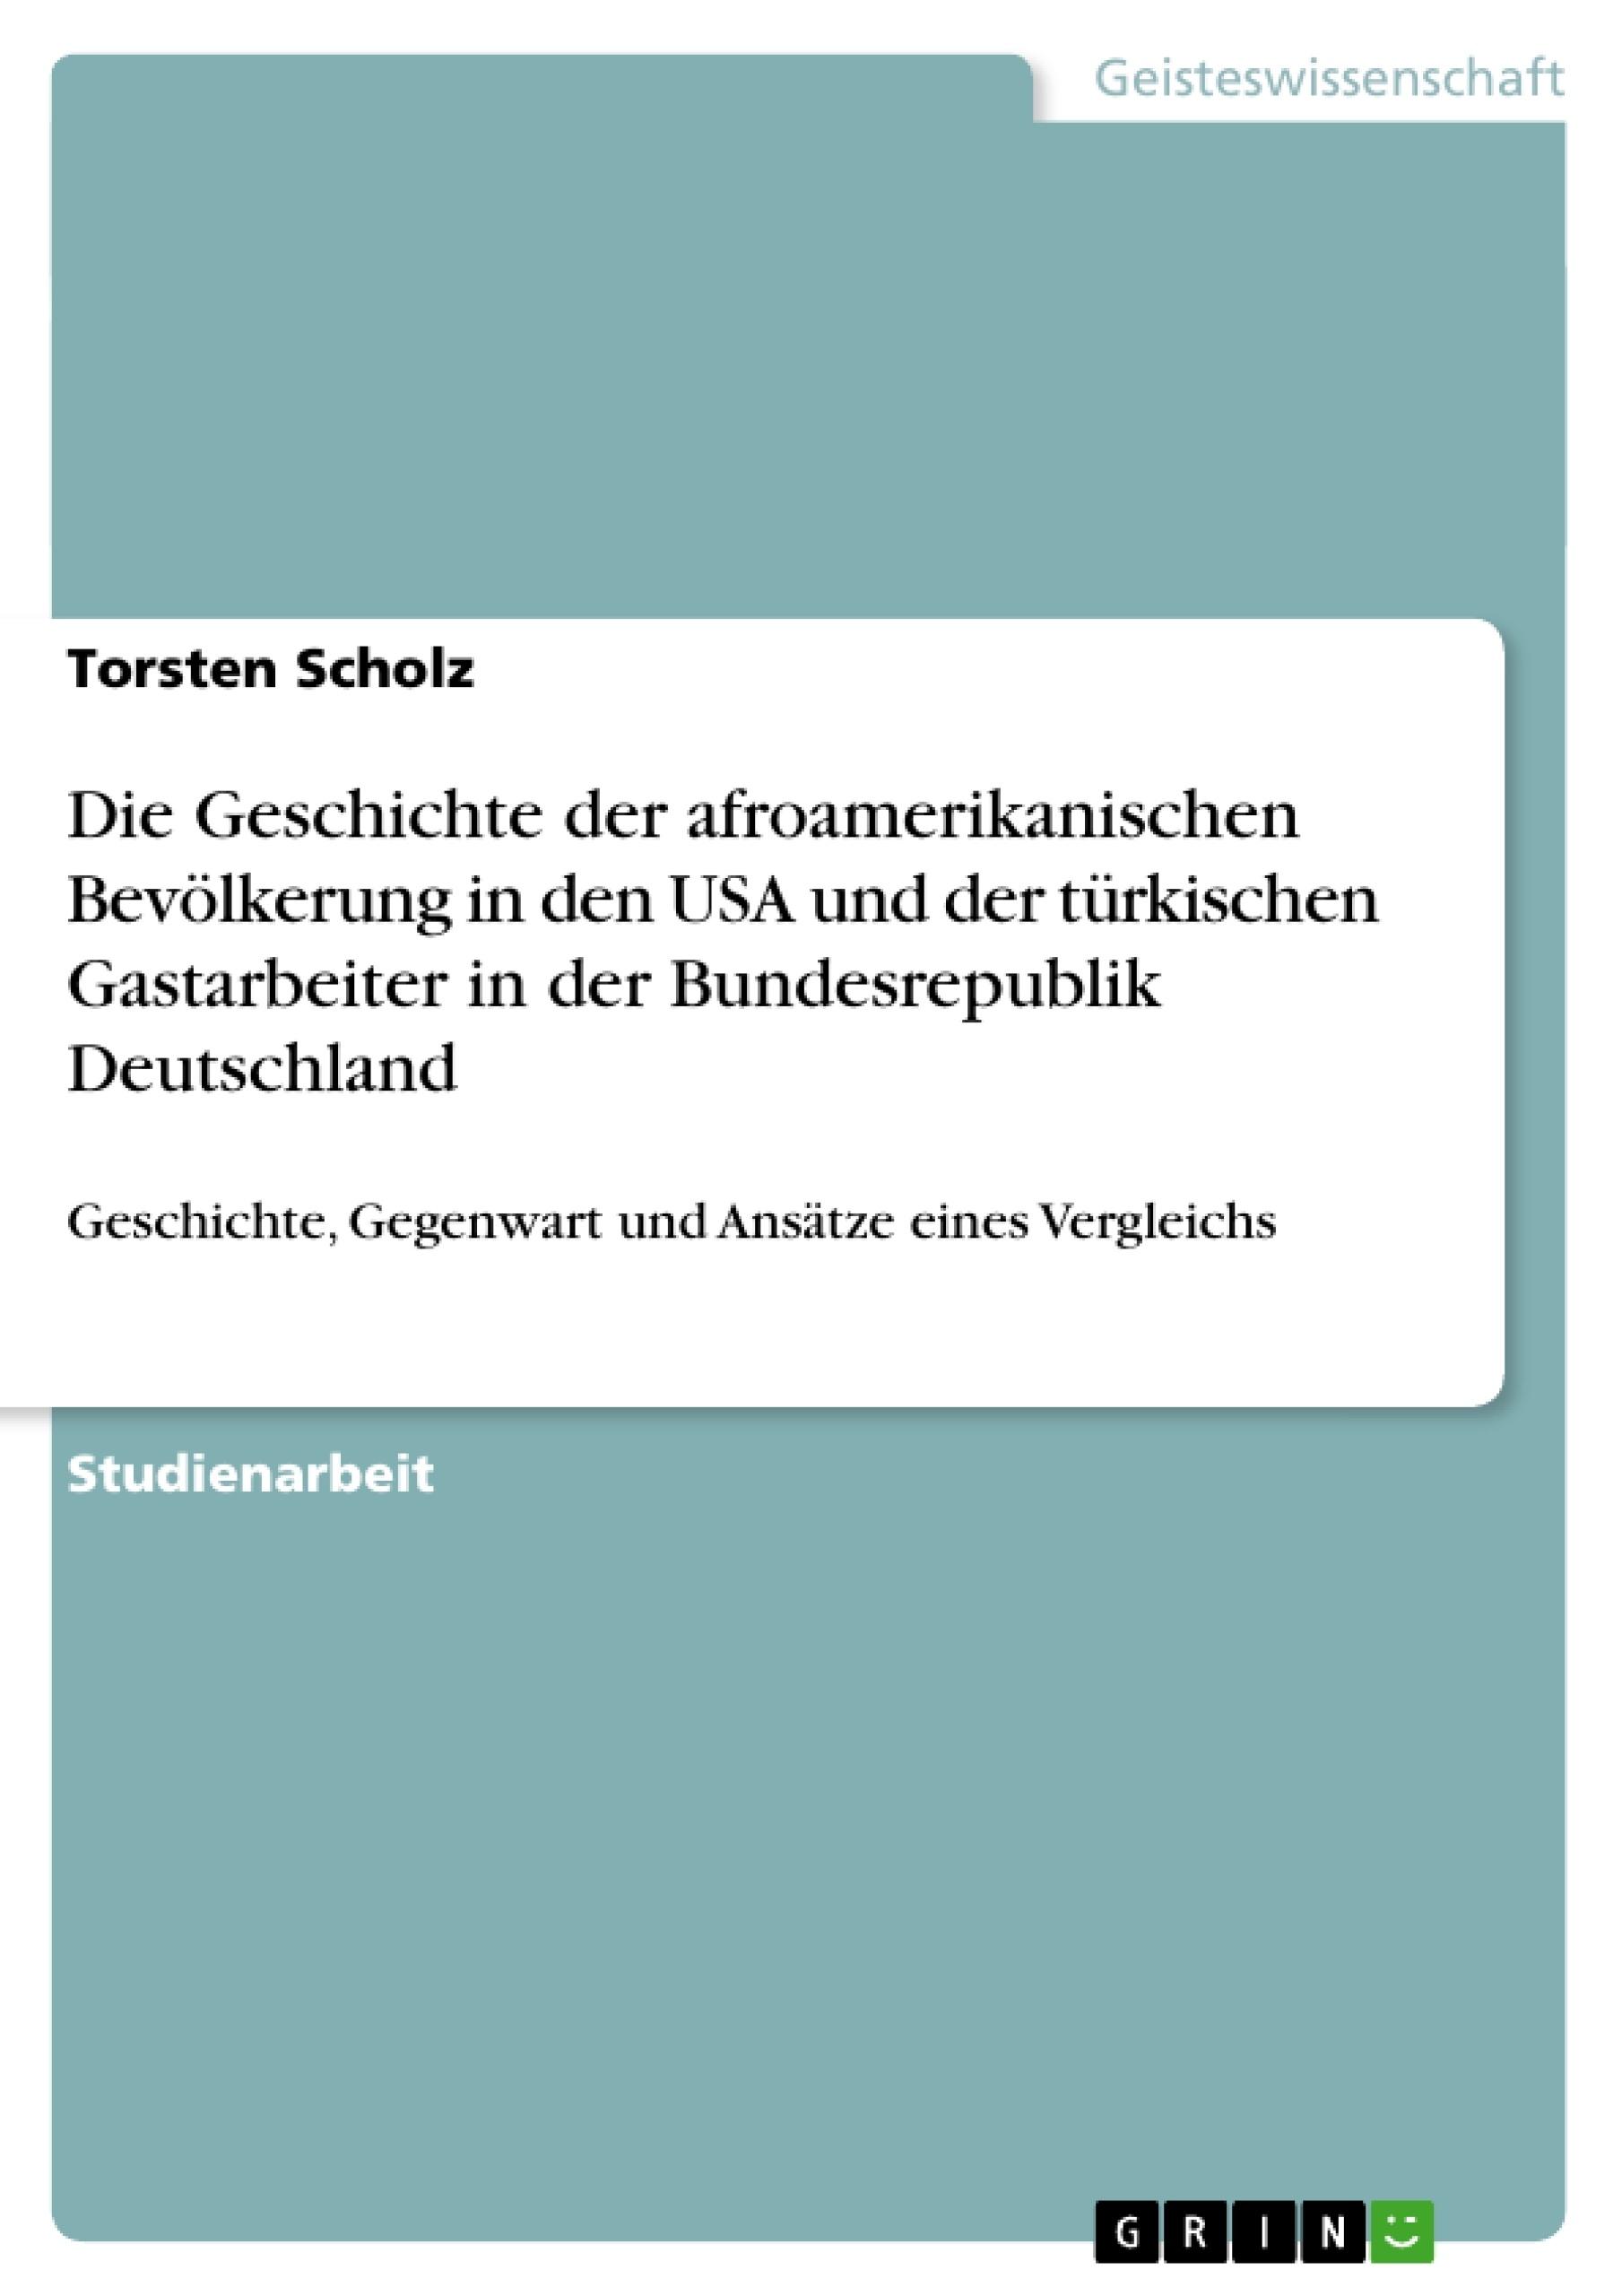 Titel: Die Geschichte der afroamerikanischen Bevölkerung in den USA und der türkischen Gastarbeiter in der Bundesrepublik Deutschland